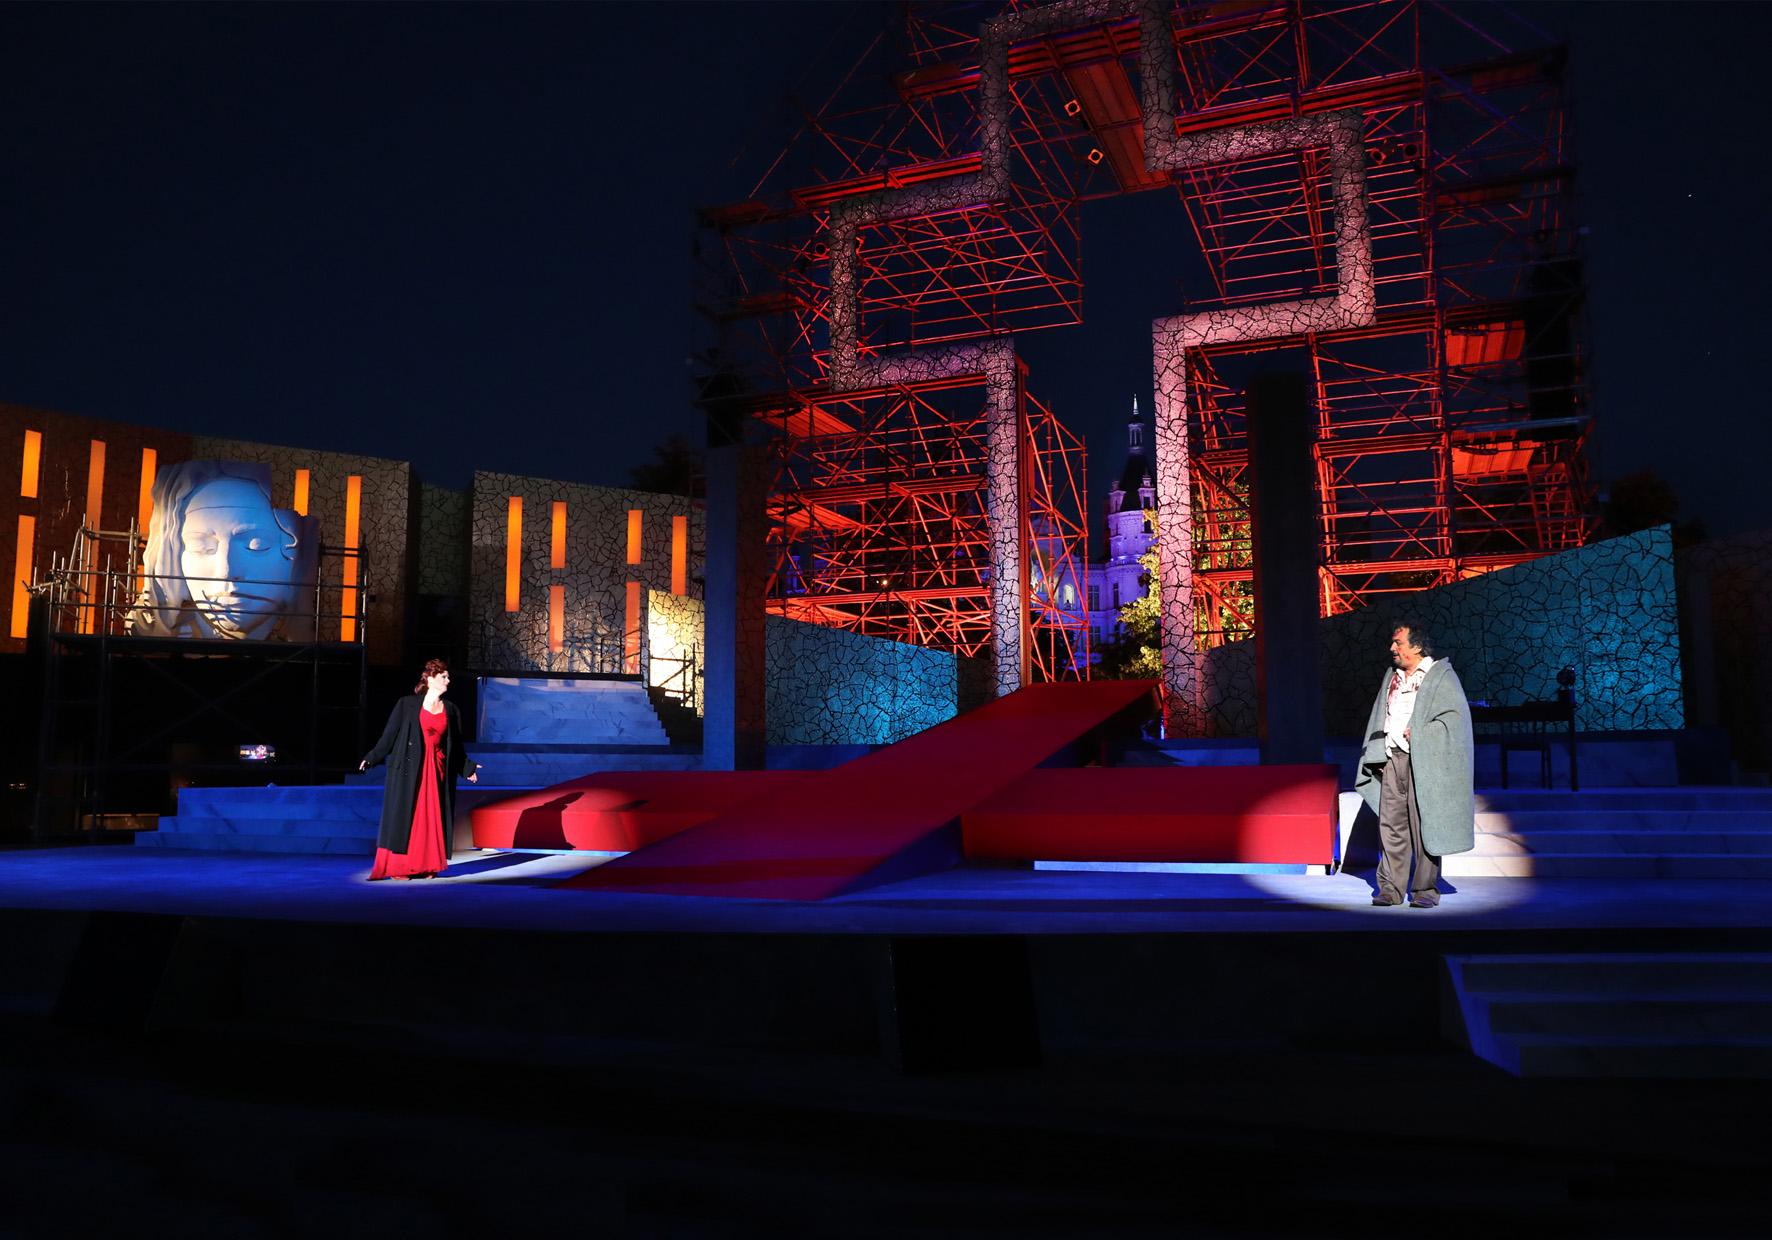 Tosca © https://www.mecklenburgisches-staatstheater.de/stueck-detail/schlossfestspiele-schwerin-2018-tosca-1408.html